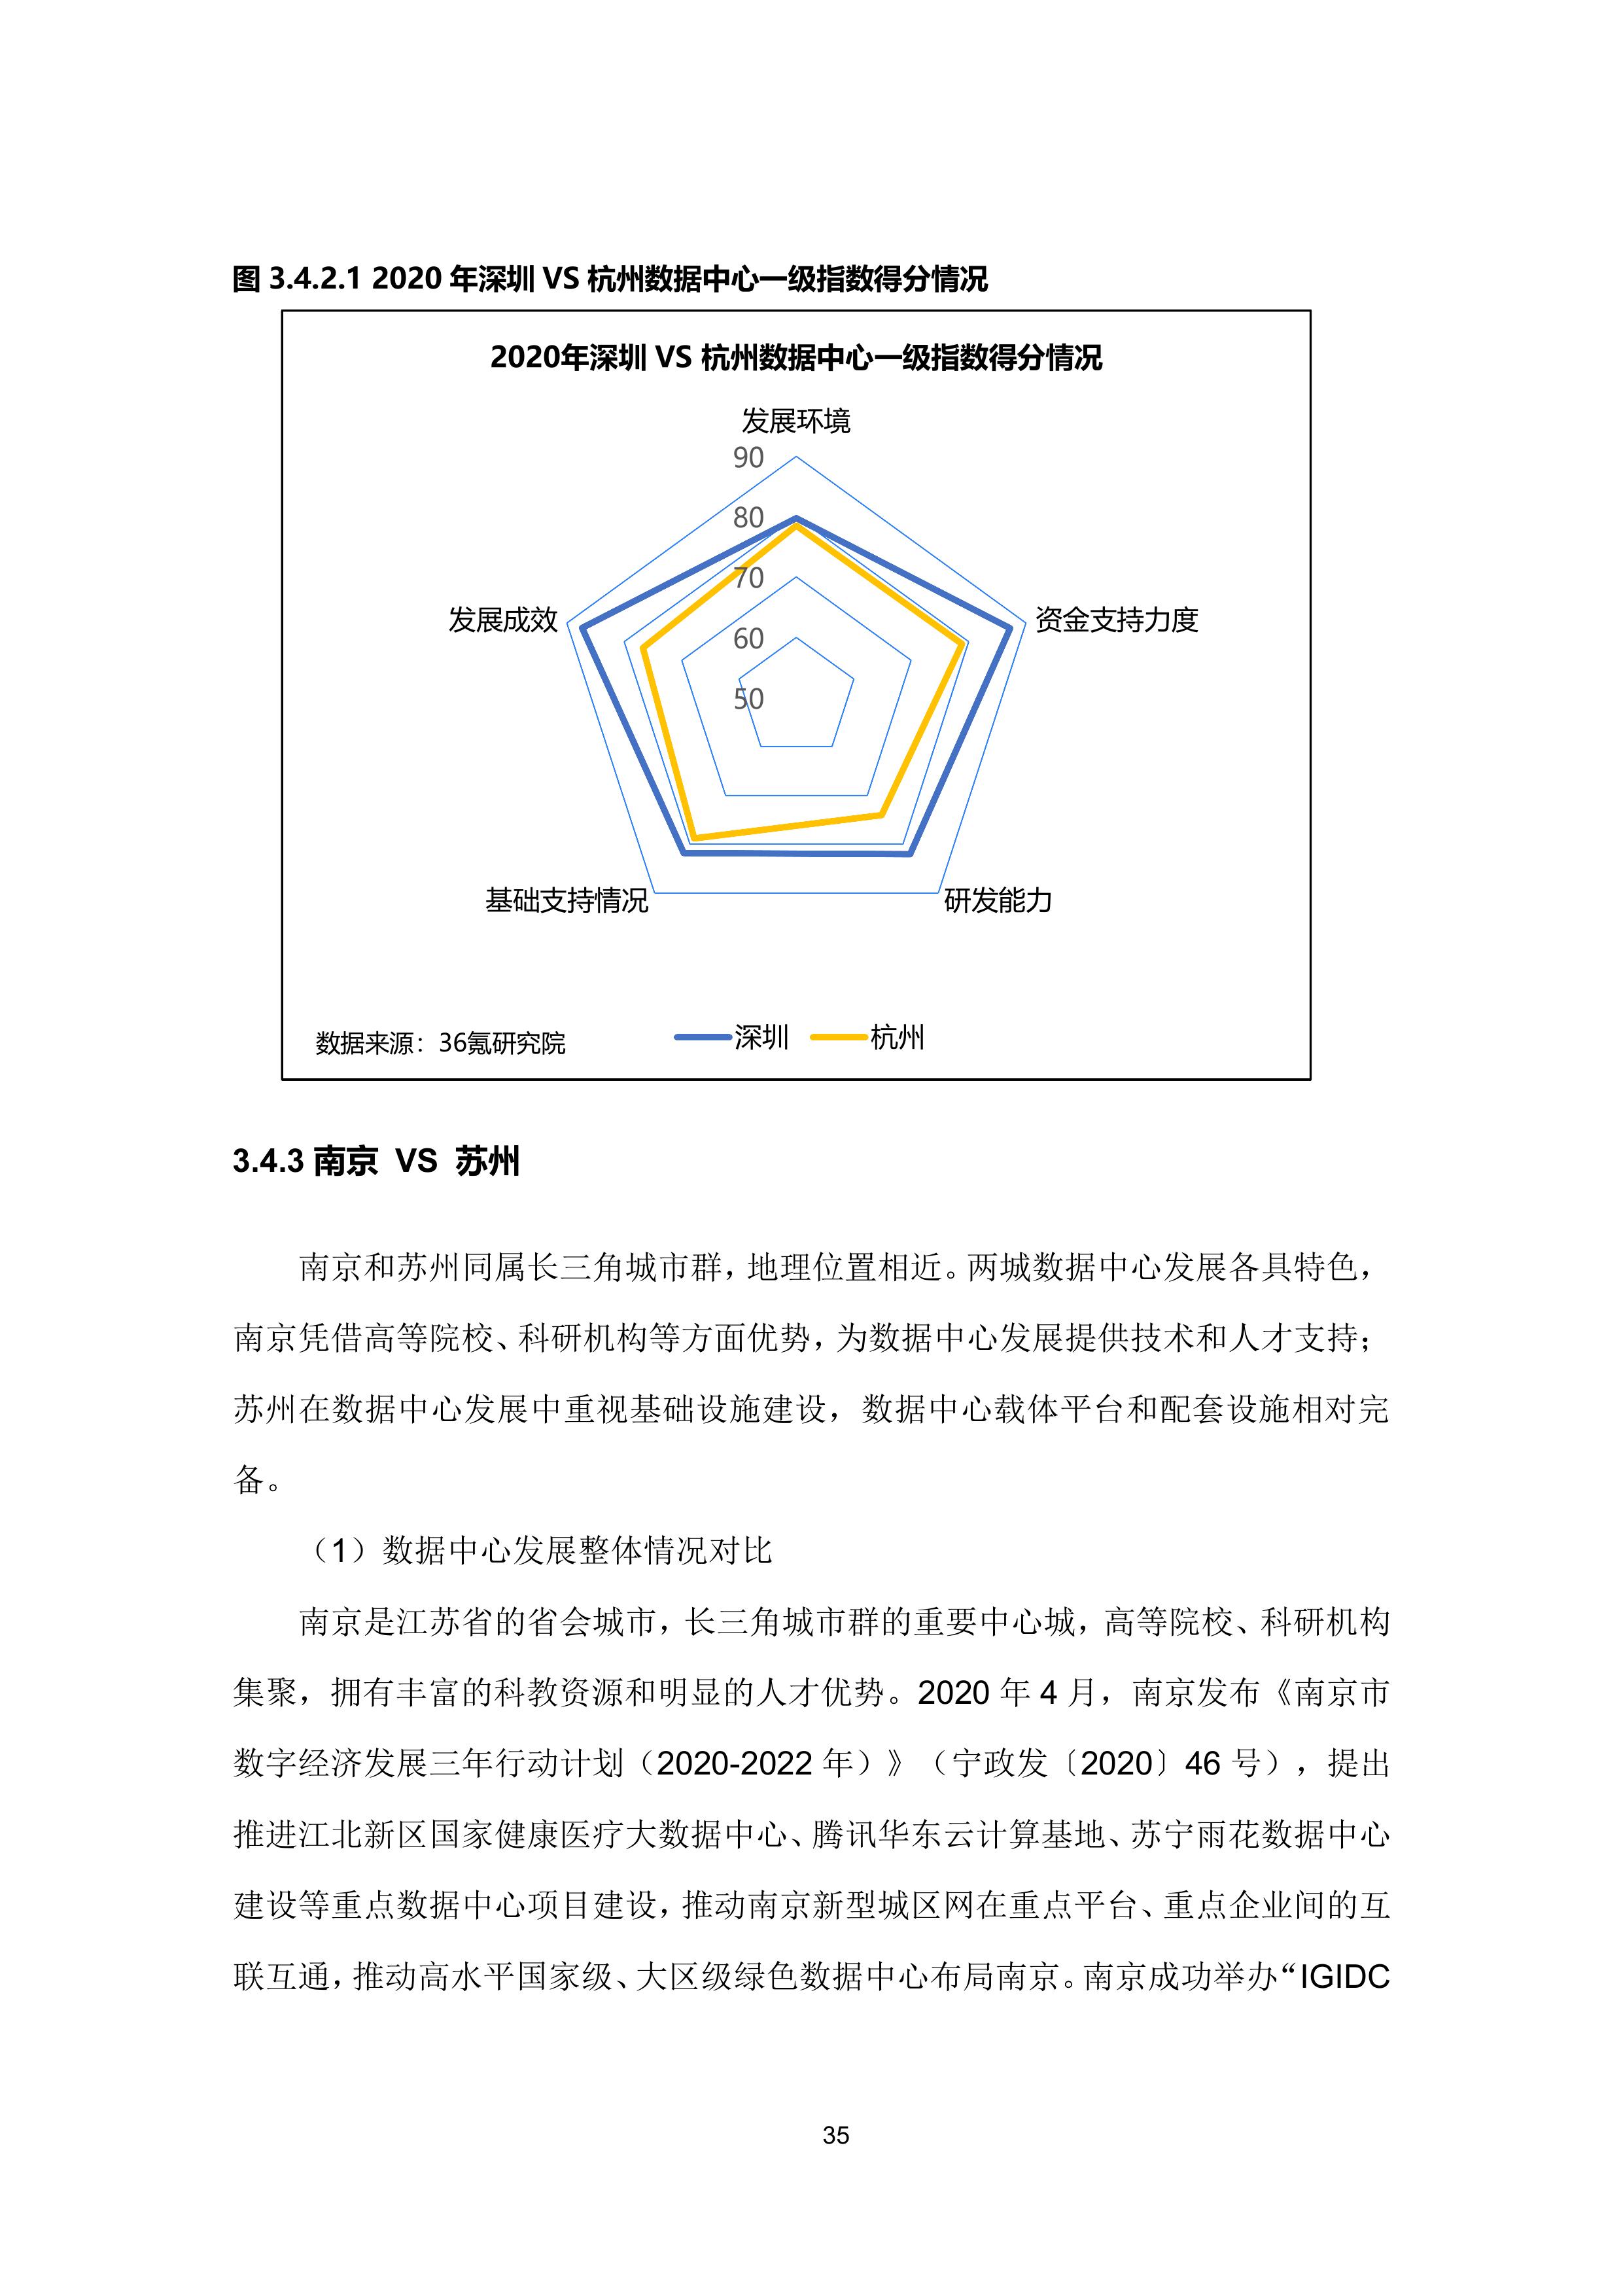 36氪研究院 - 新基建系列之:2020年中国城市数据中心发展指数报告-大菠萝官网(图46)